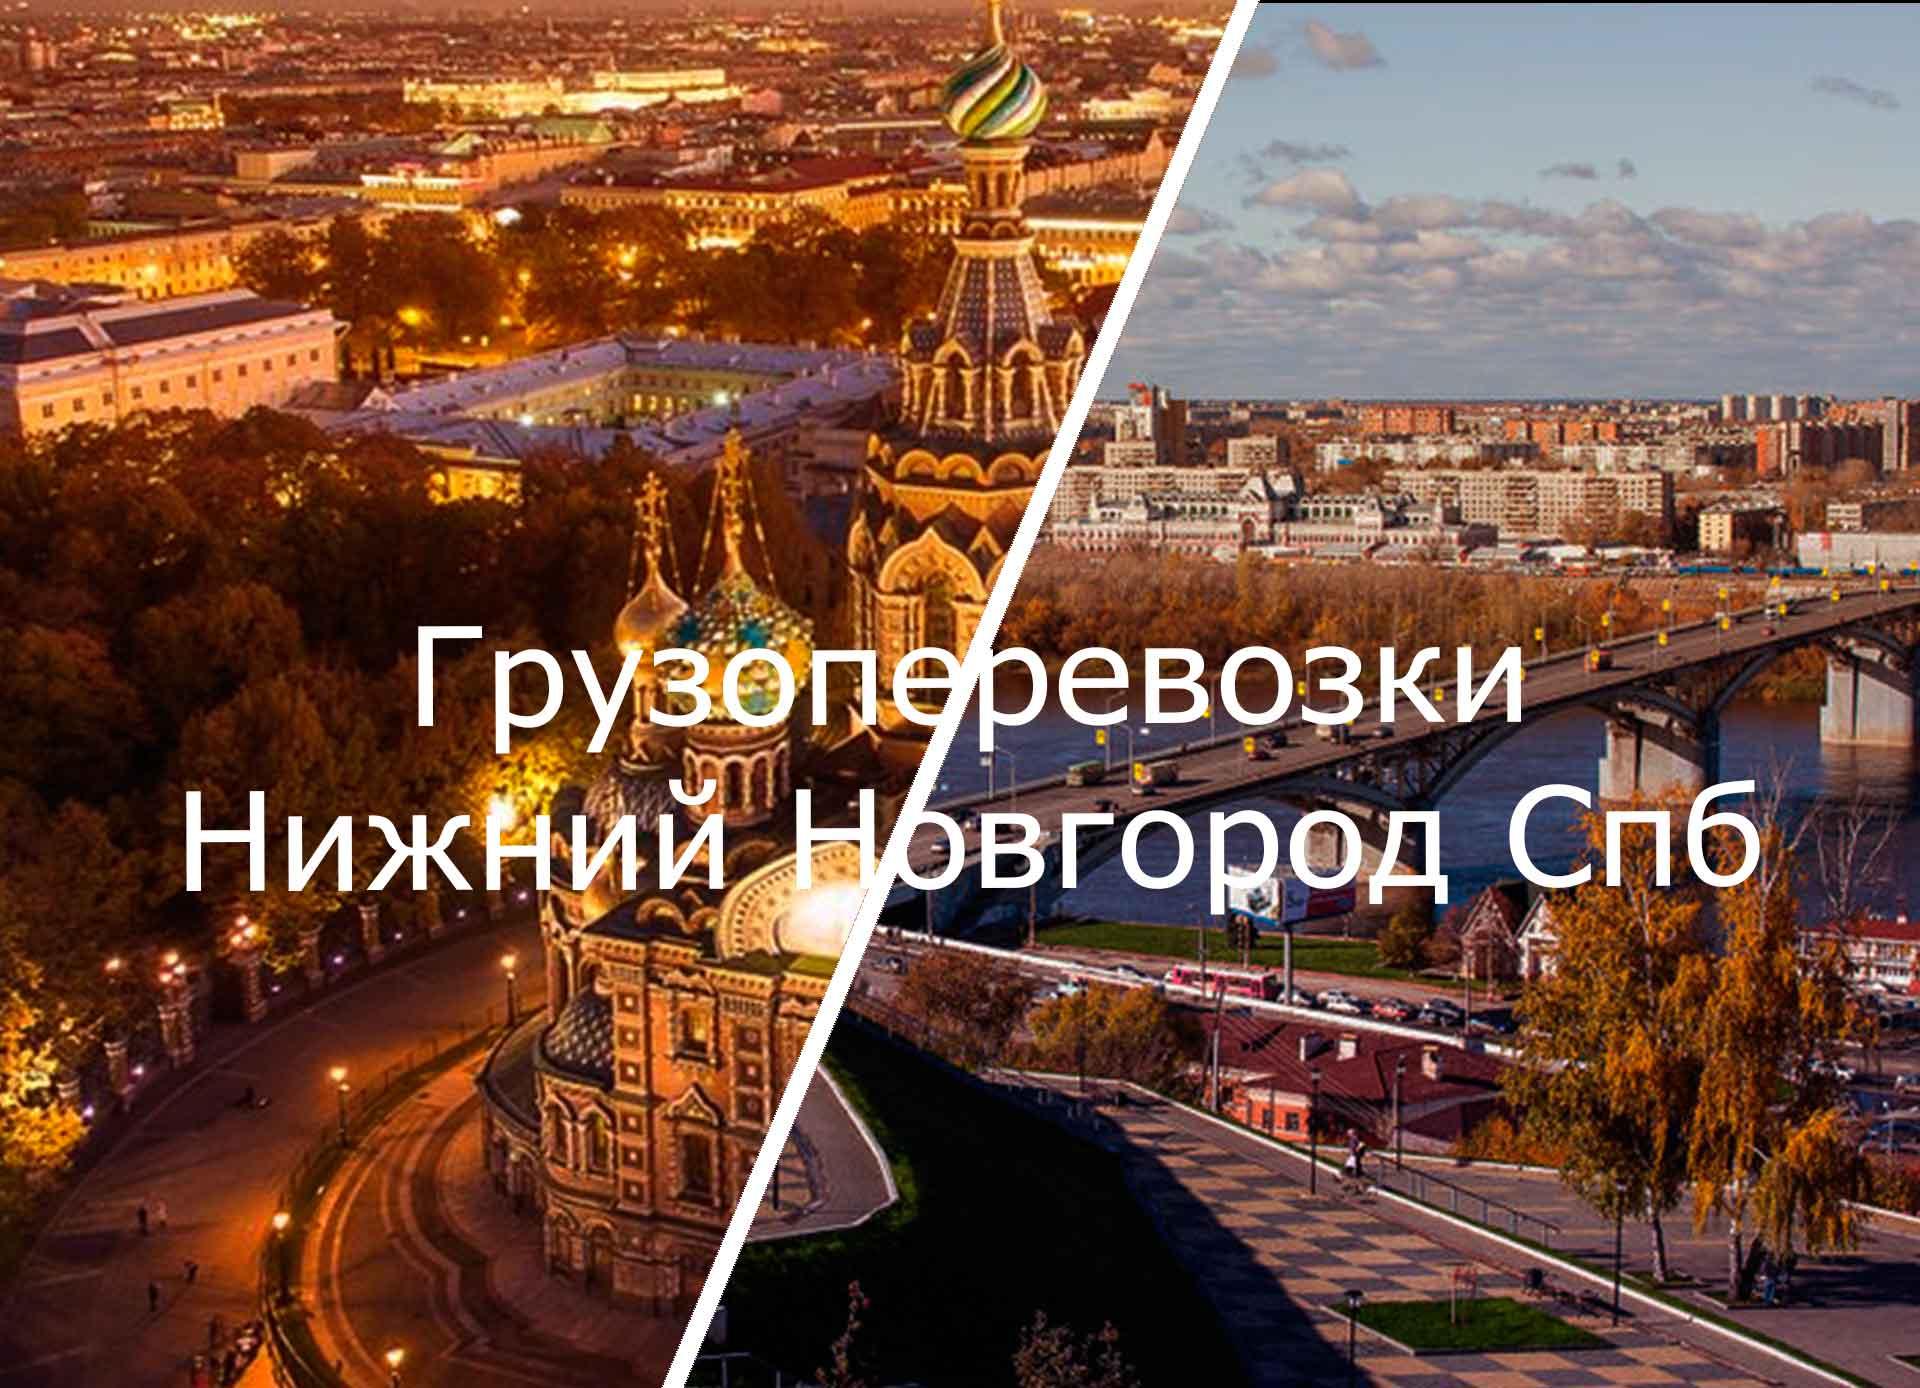 грузоперевозки нижний новгород санкт петербург